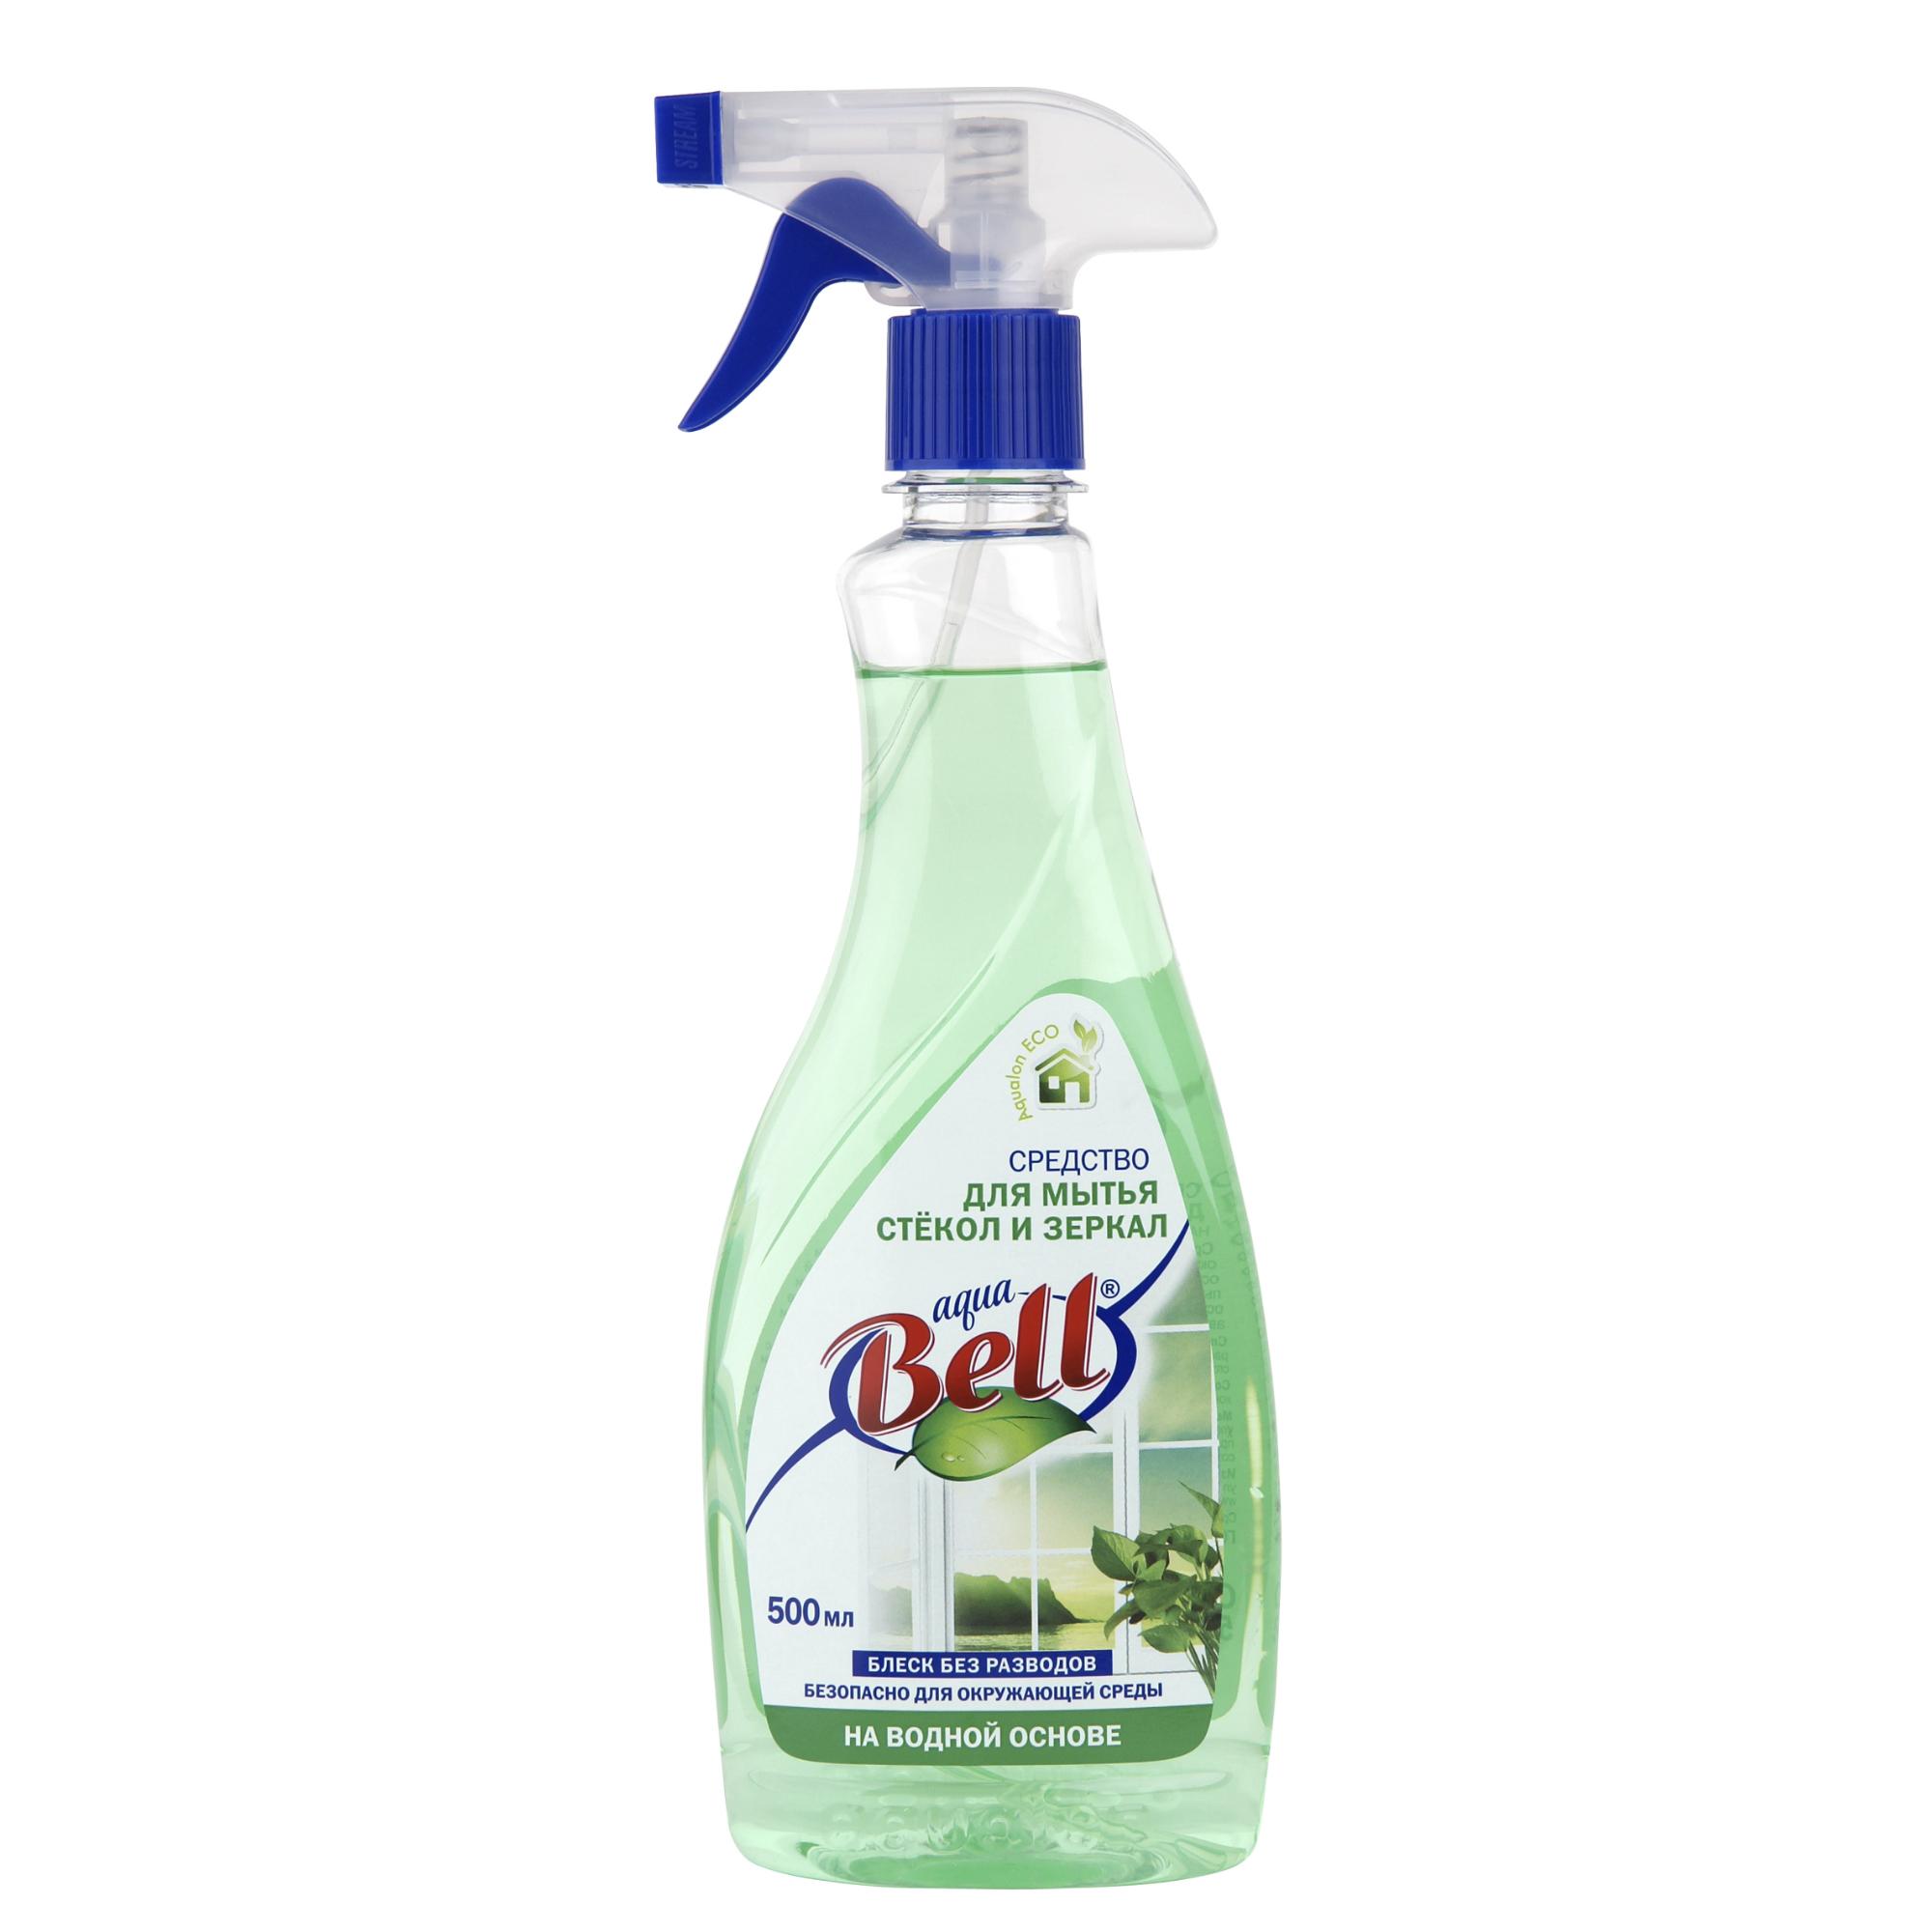 Средство для мытья стекол. что будет если выпить